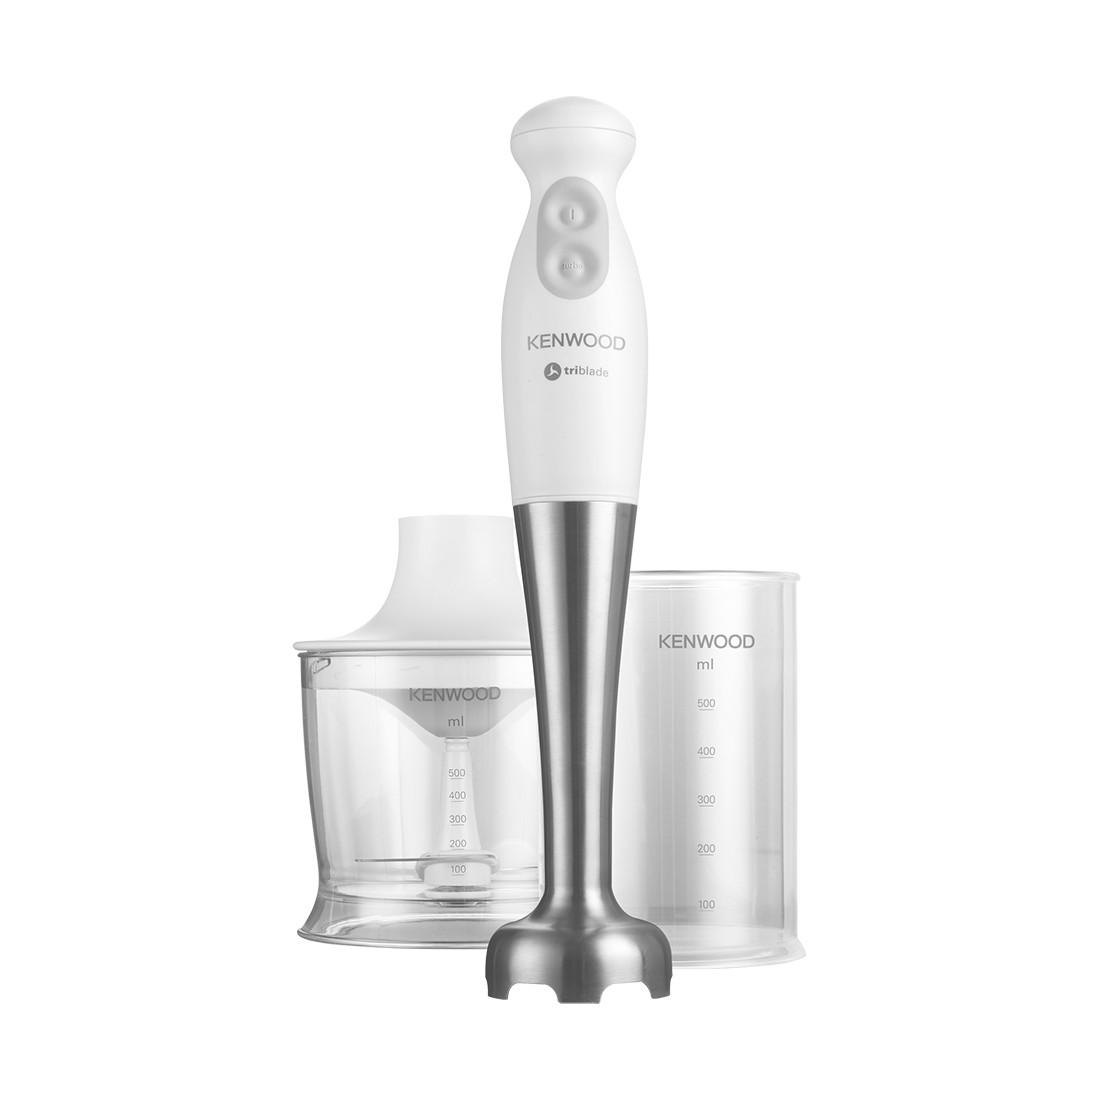 Stabmixer Triblade HB682 3 tlg. – Kunststoff Weiß, Kenwood bestellen